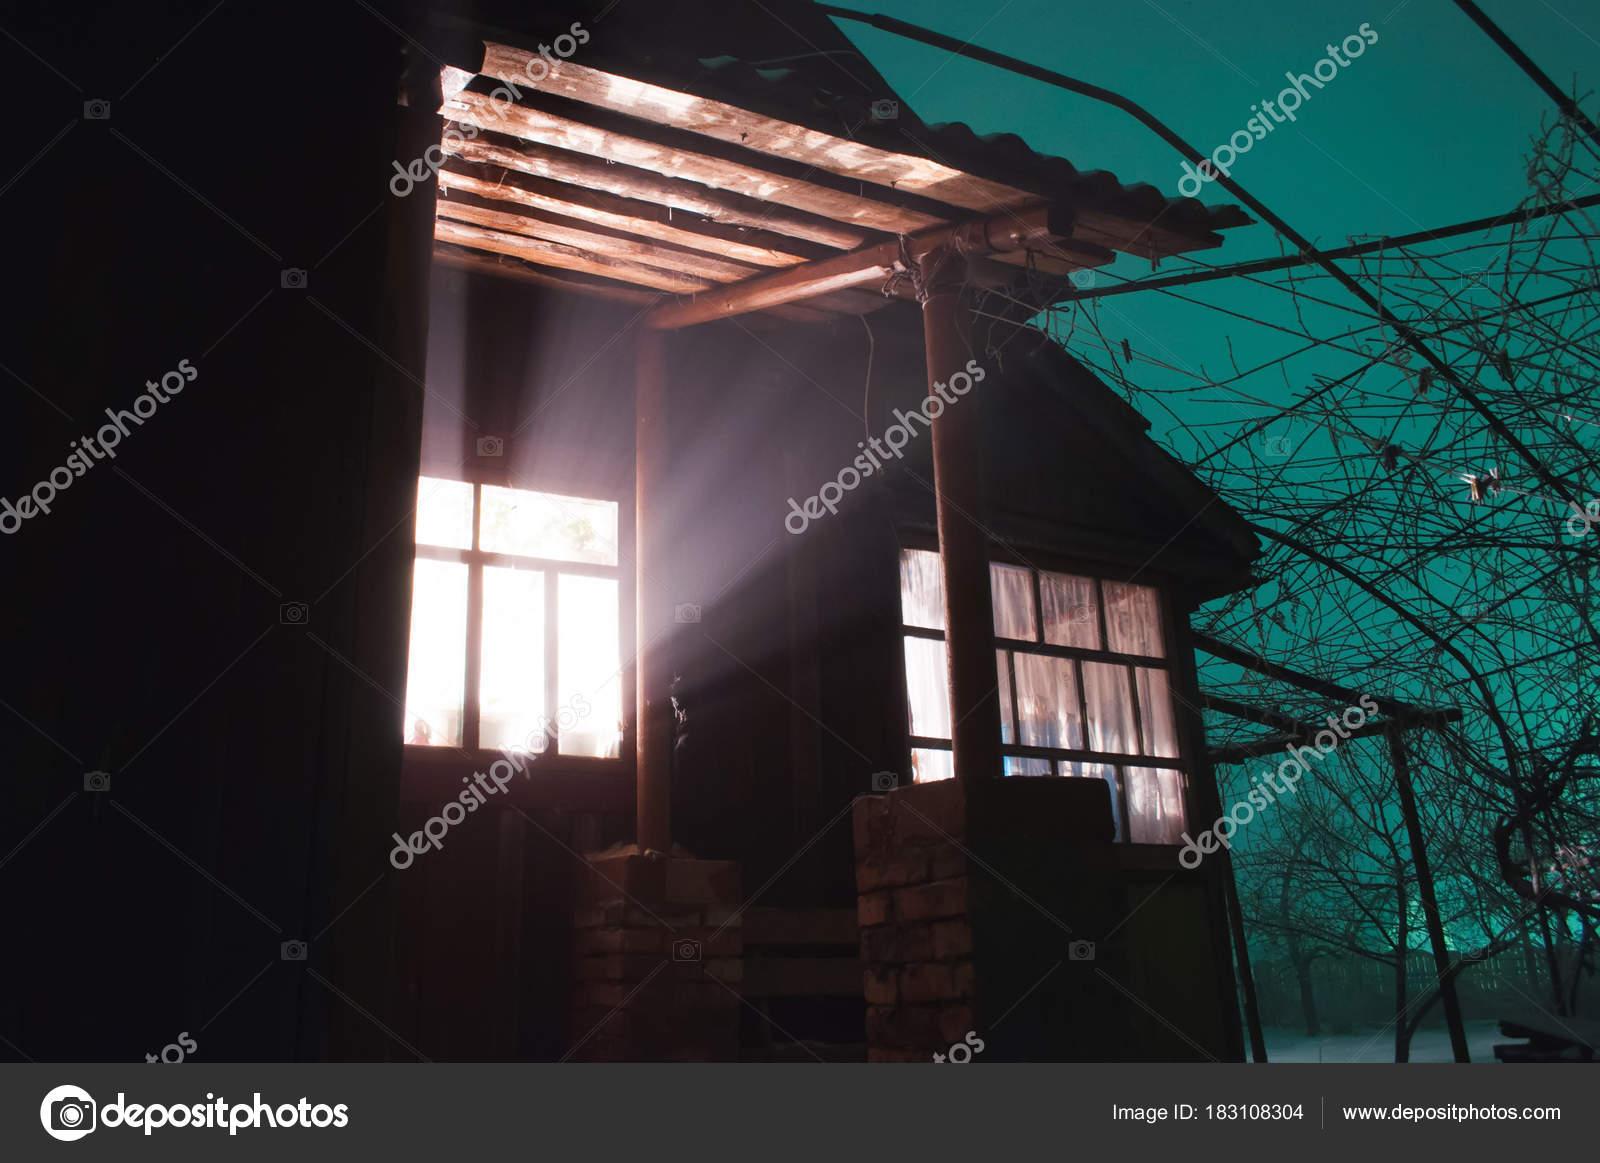 Helles Licht im Fenster, geschehen seltsame Dinge in ein ...